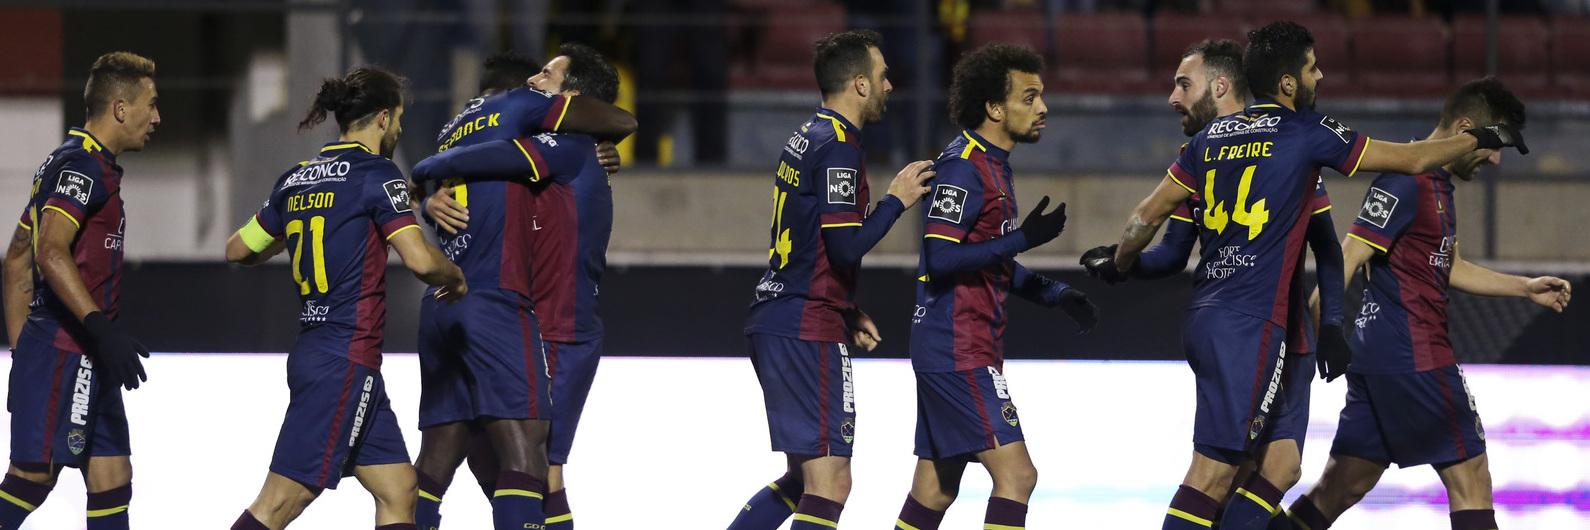 I Liga: Chaves vence Nacional e sobe ao sexto lugar. Hamzaoui fica 24 horas em observação no hospital